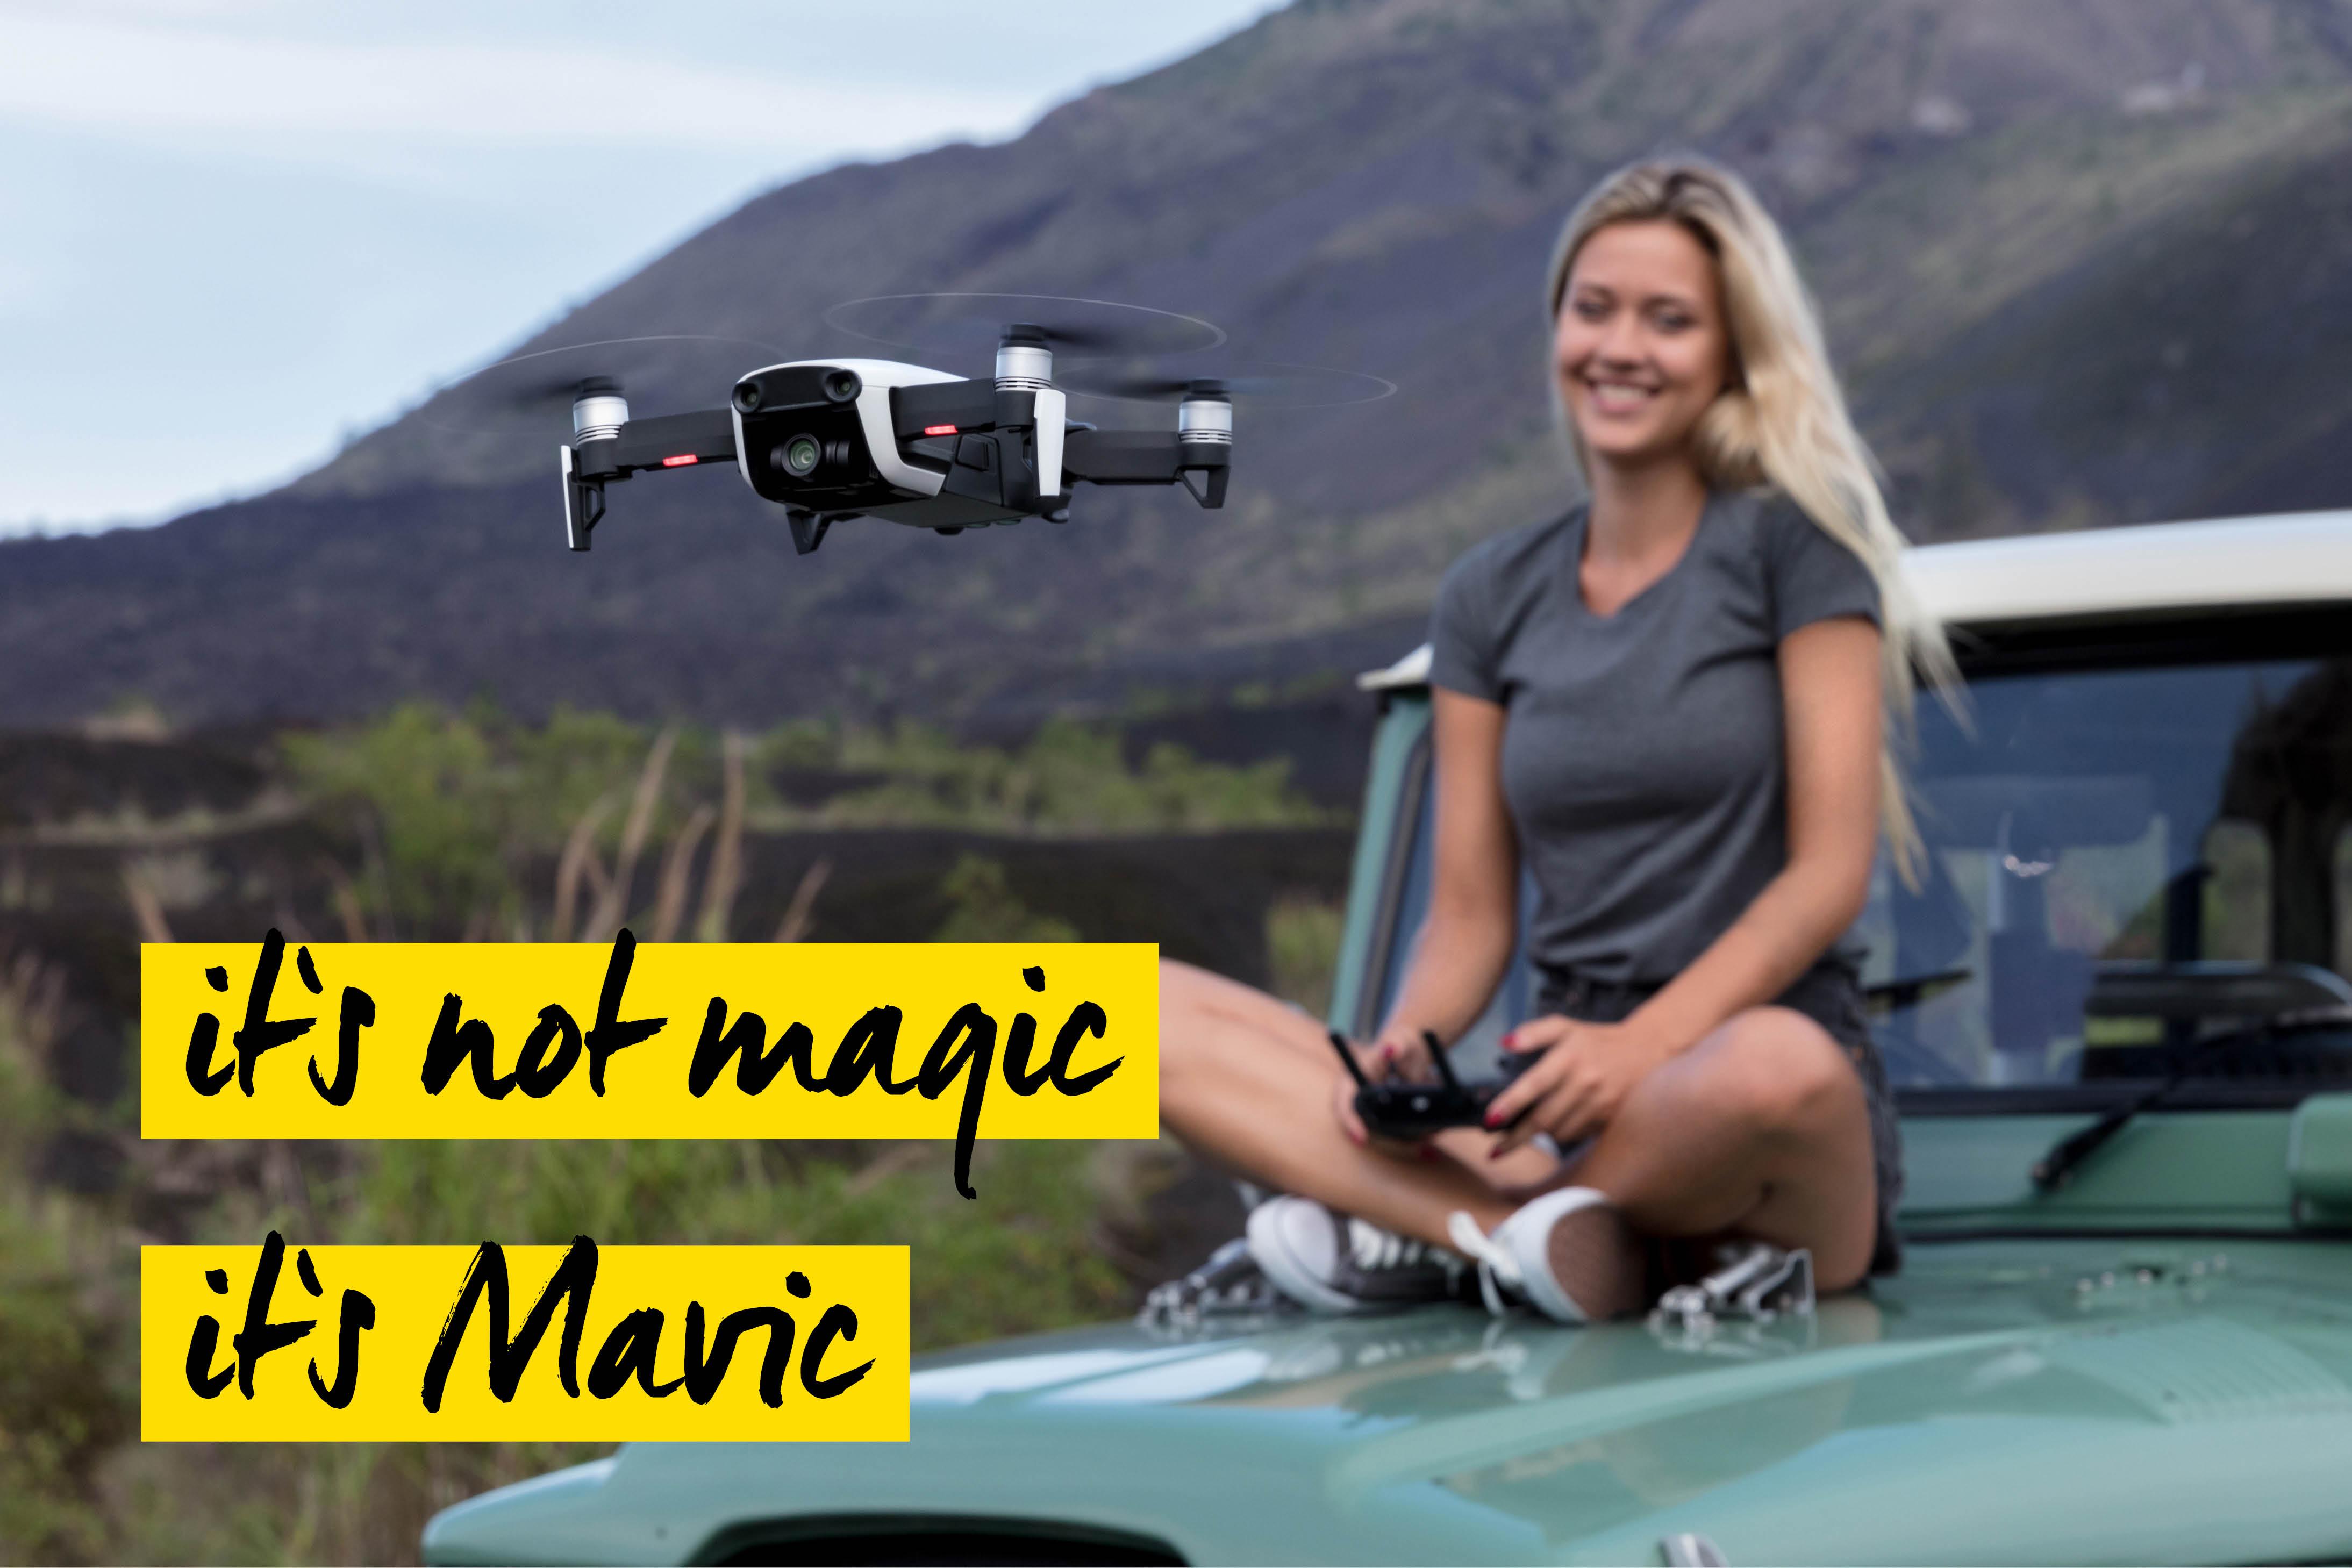 Frau mit Drohne